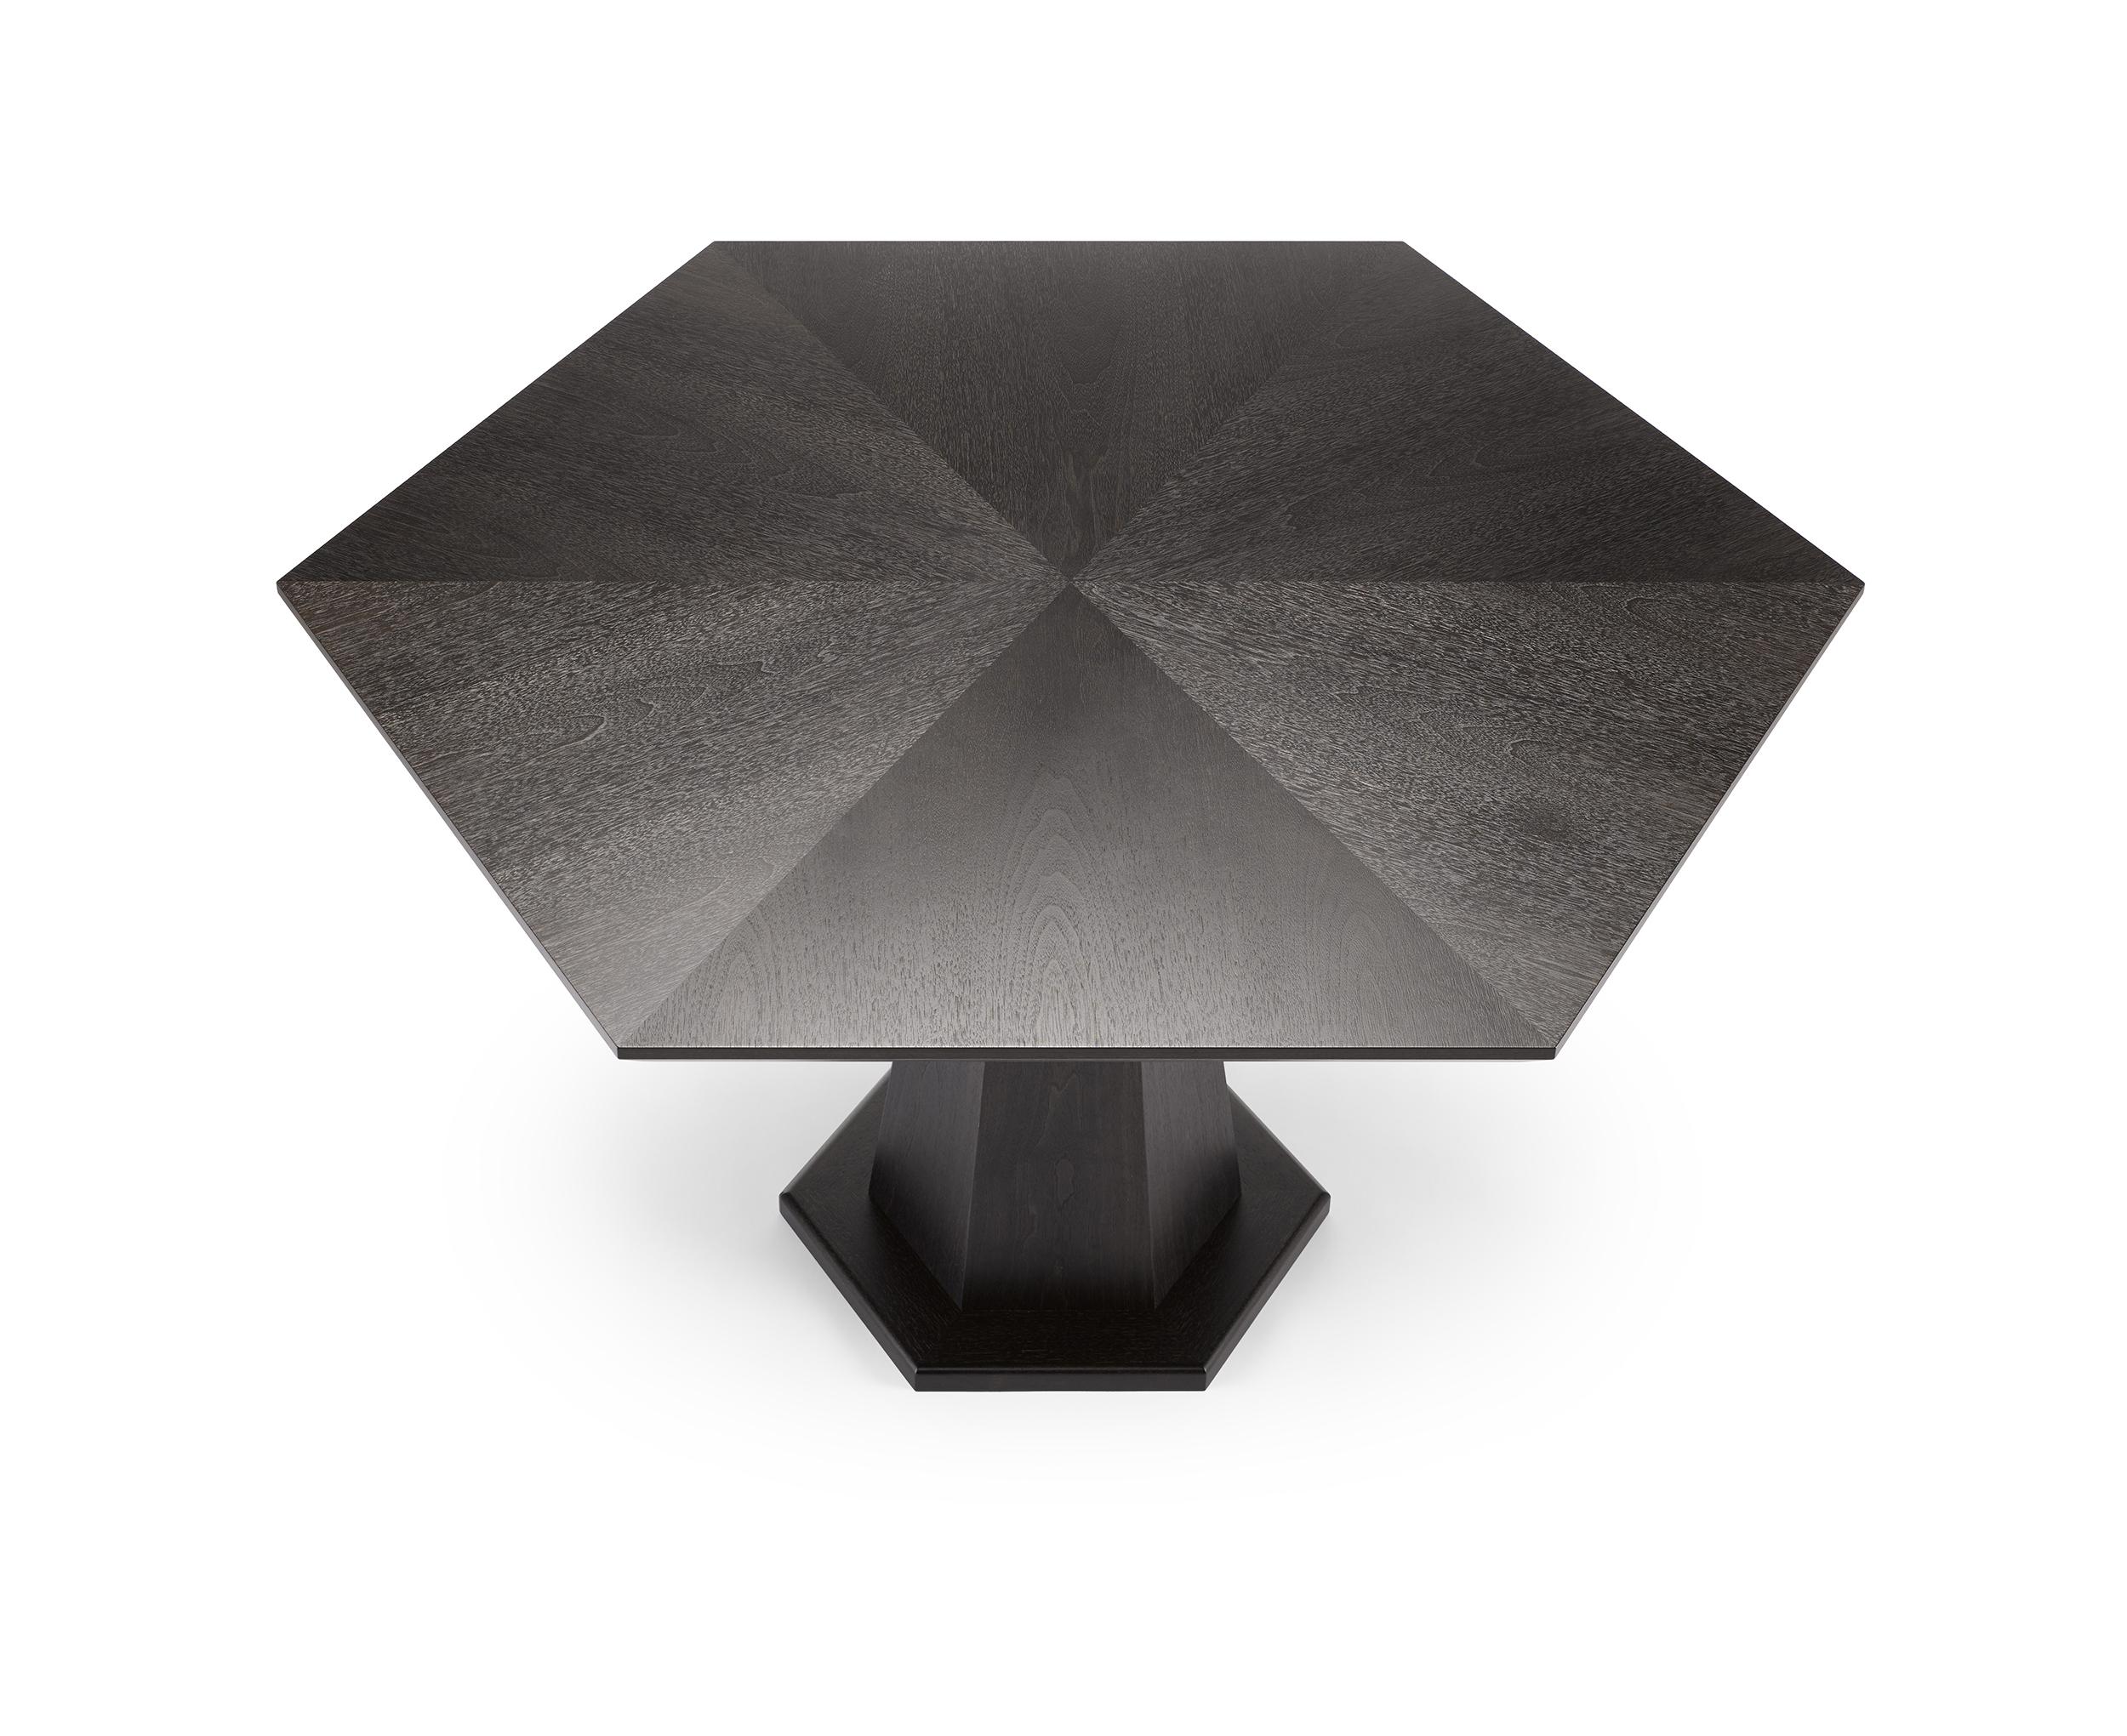 HEX DINING TABLE_STUART SCOTT(3).jpg